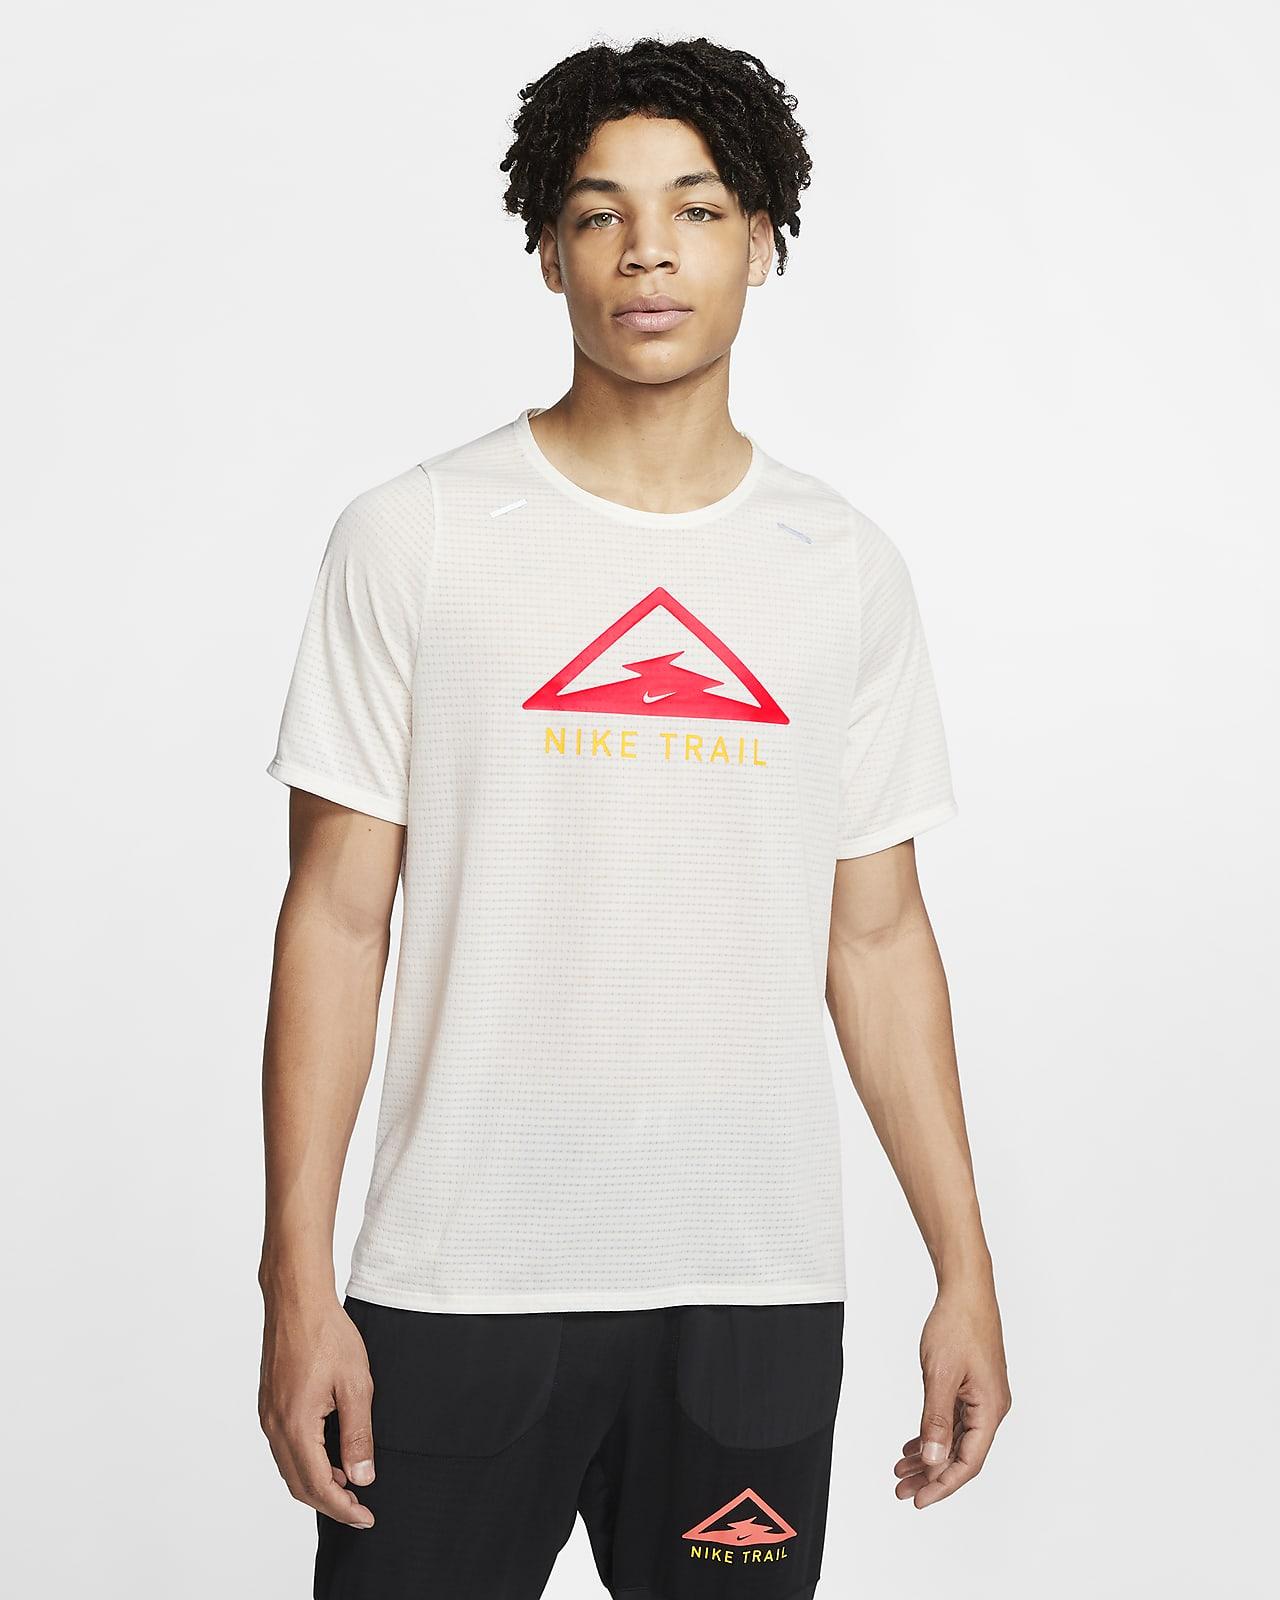 Мужская футболка для трейлраннинга Nike Rise 365 Trail